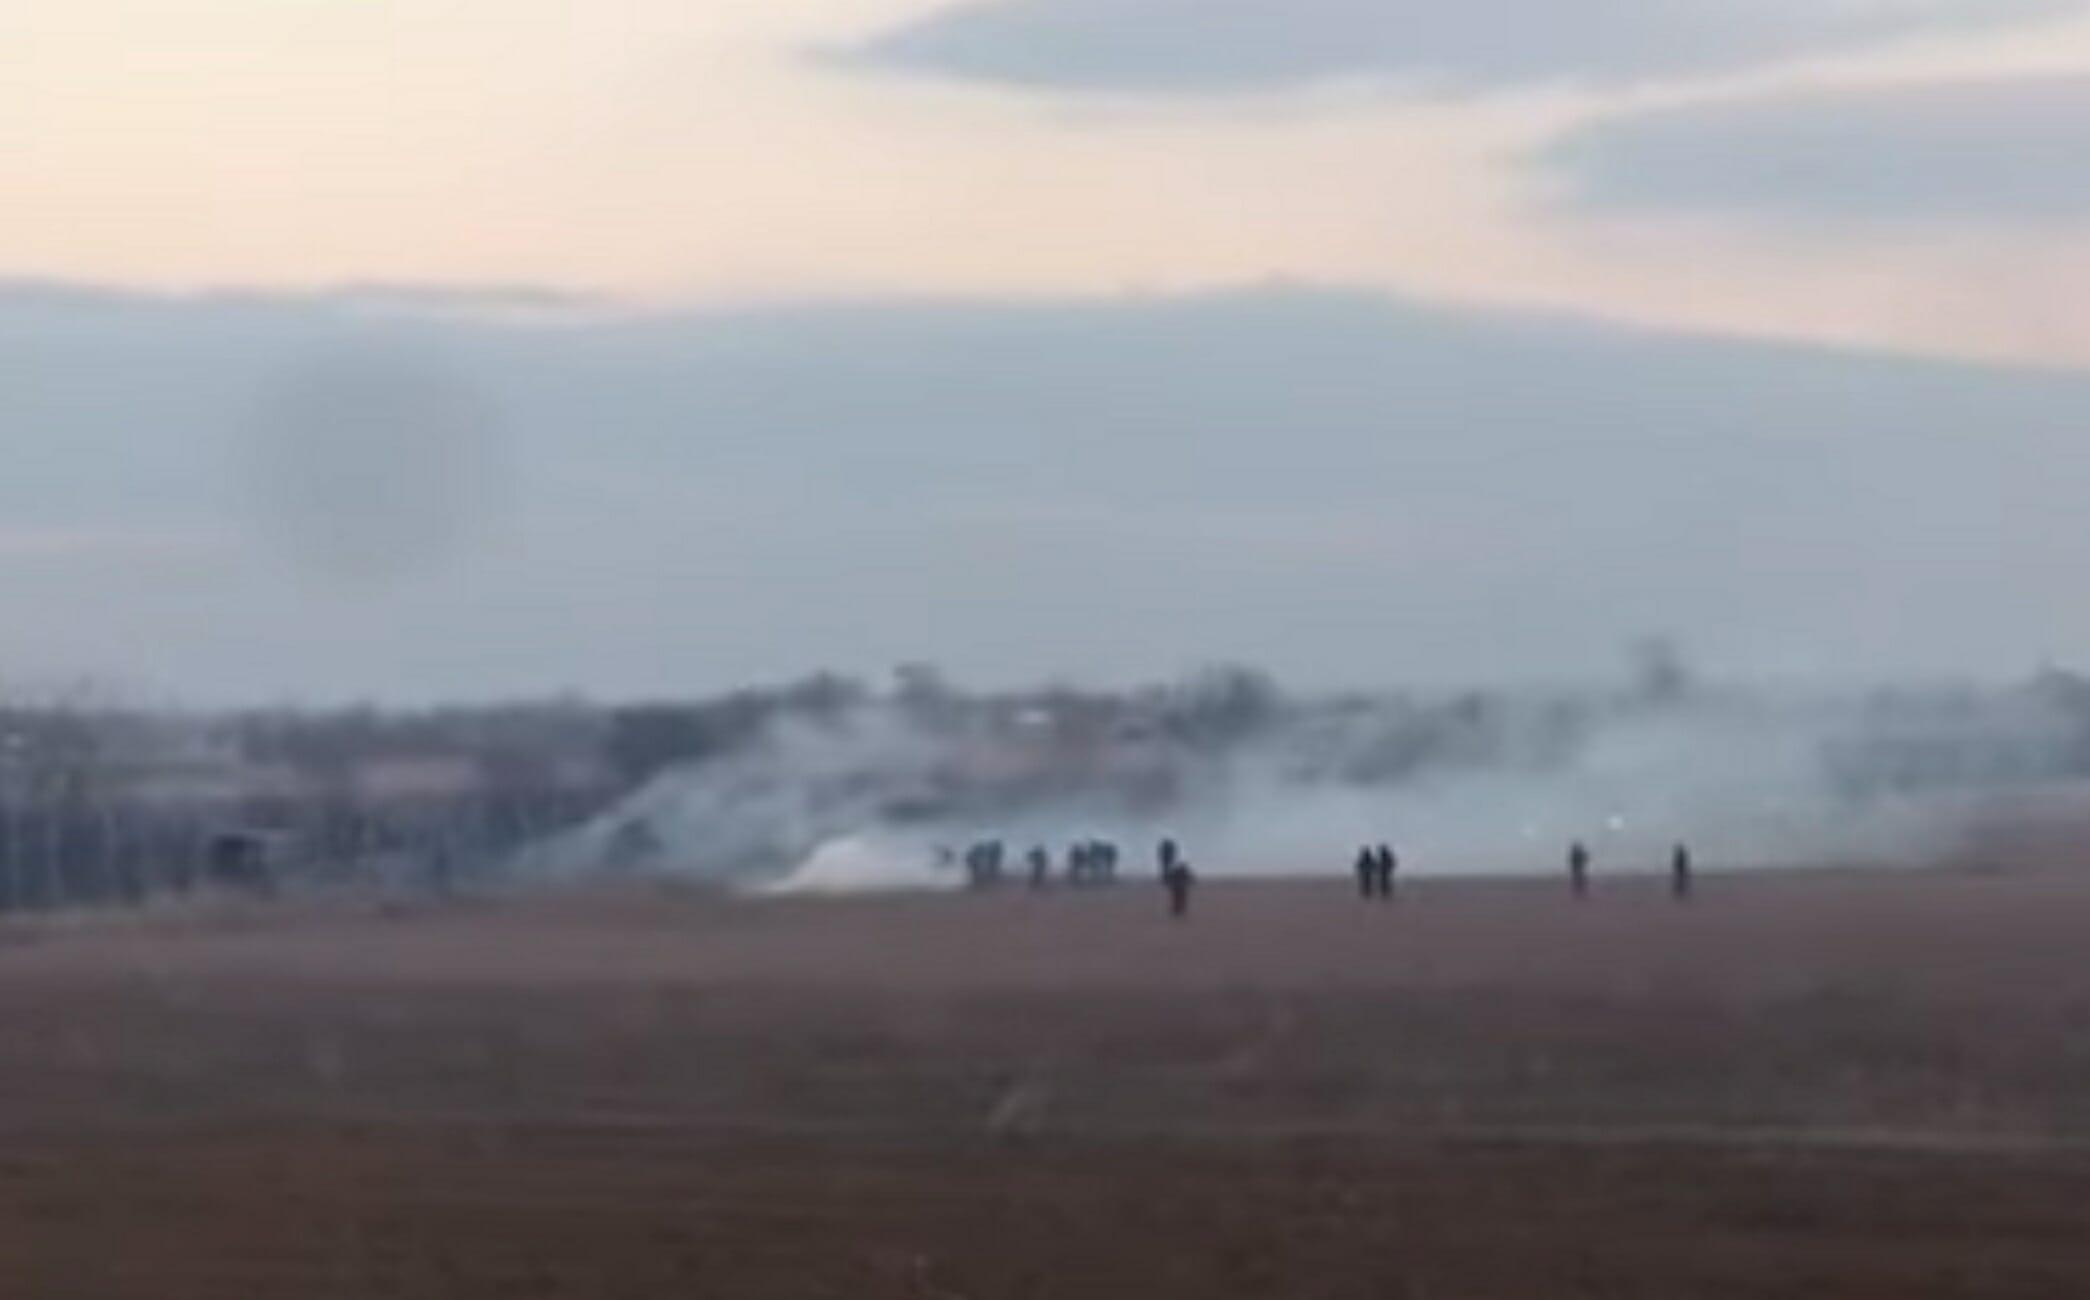 Καστανιές: Ομάδα ατόμων έκοψε το φράχτη για να μπει στο ελληνικό έδαφος